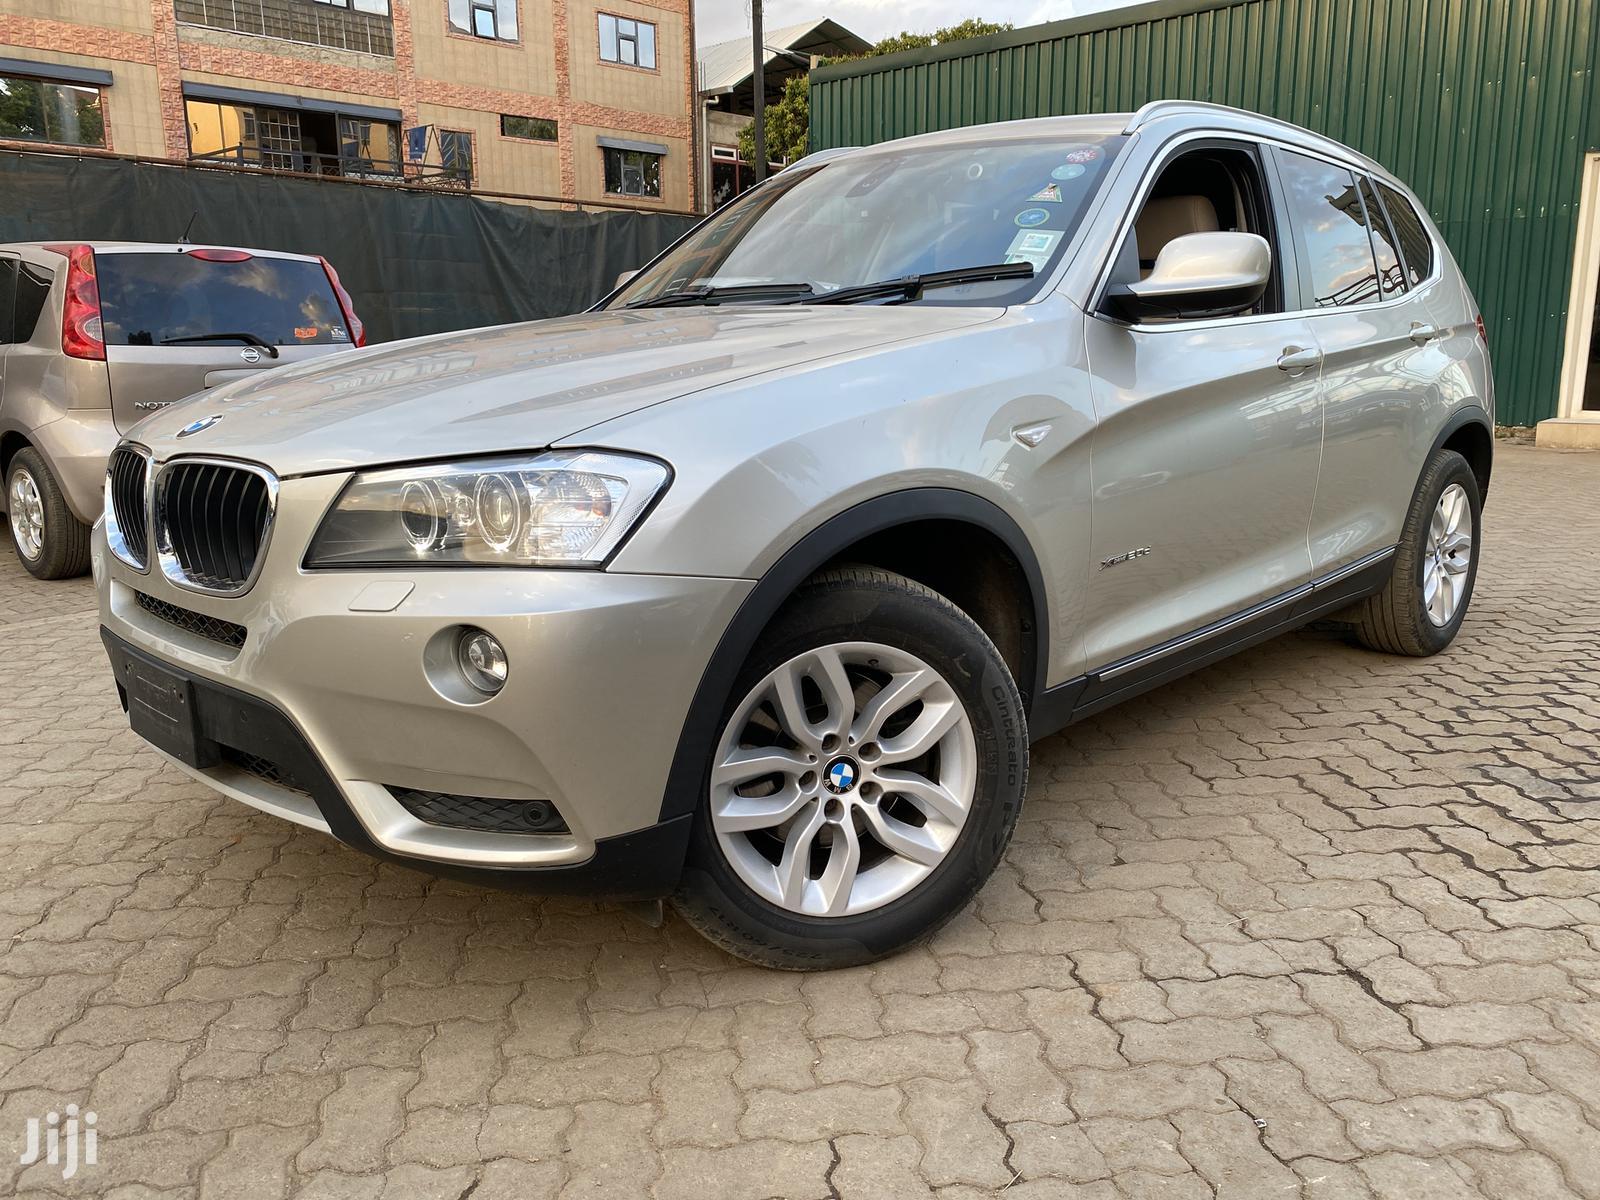 BMW X3 2013 xDrive28i Beige | Cars for sale in Kilimani, Nairobi, Kenya